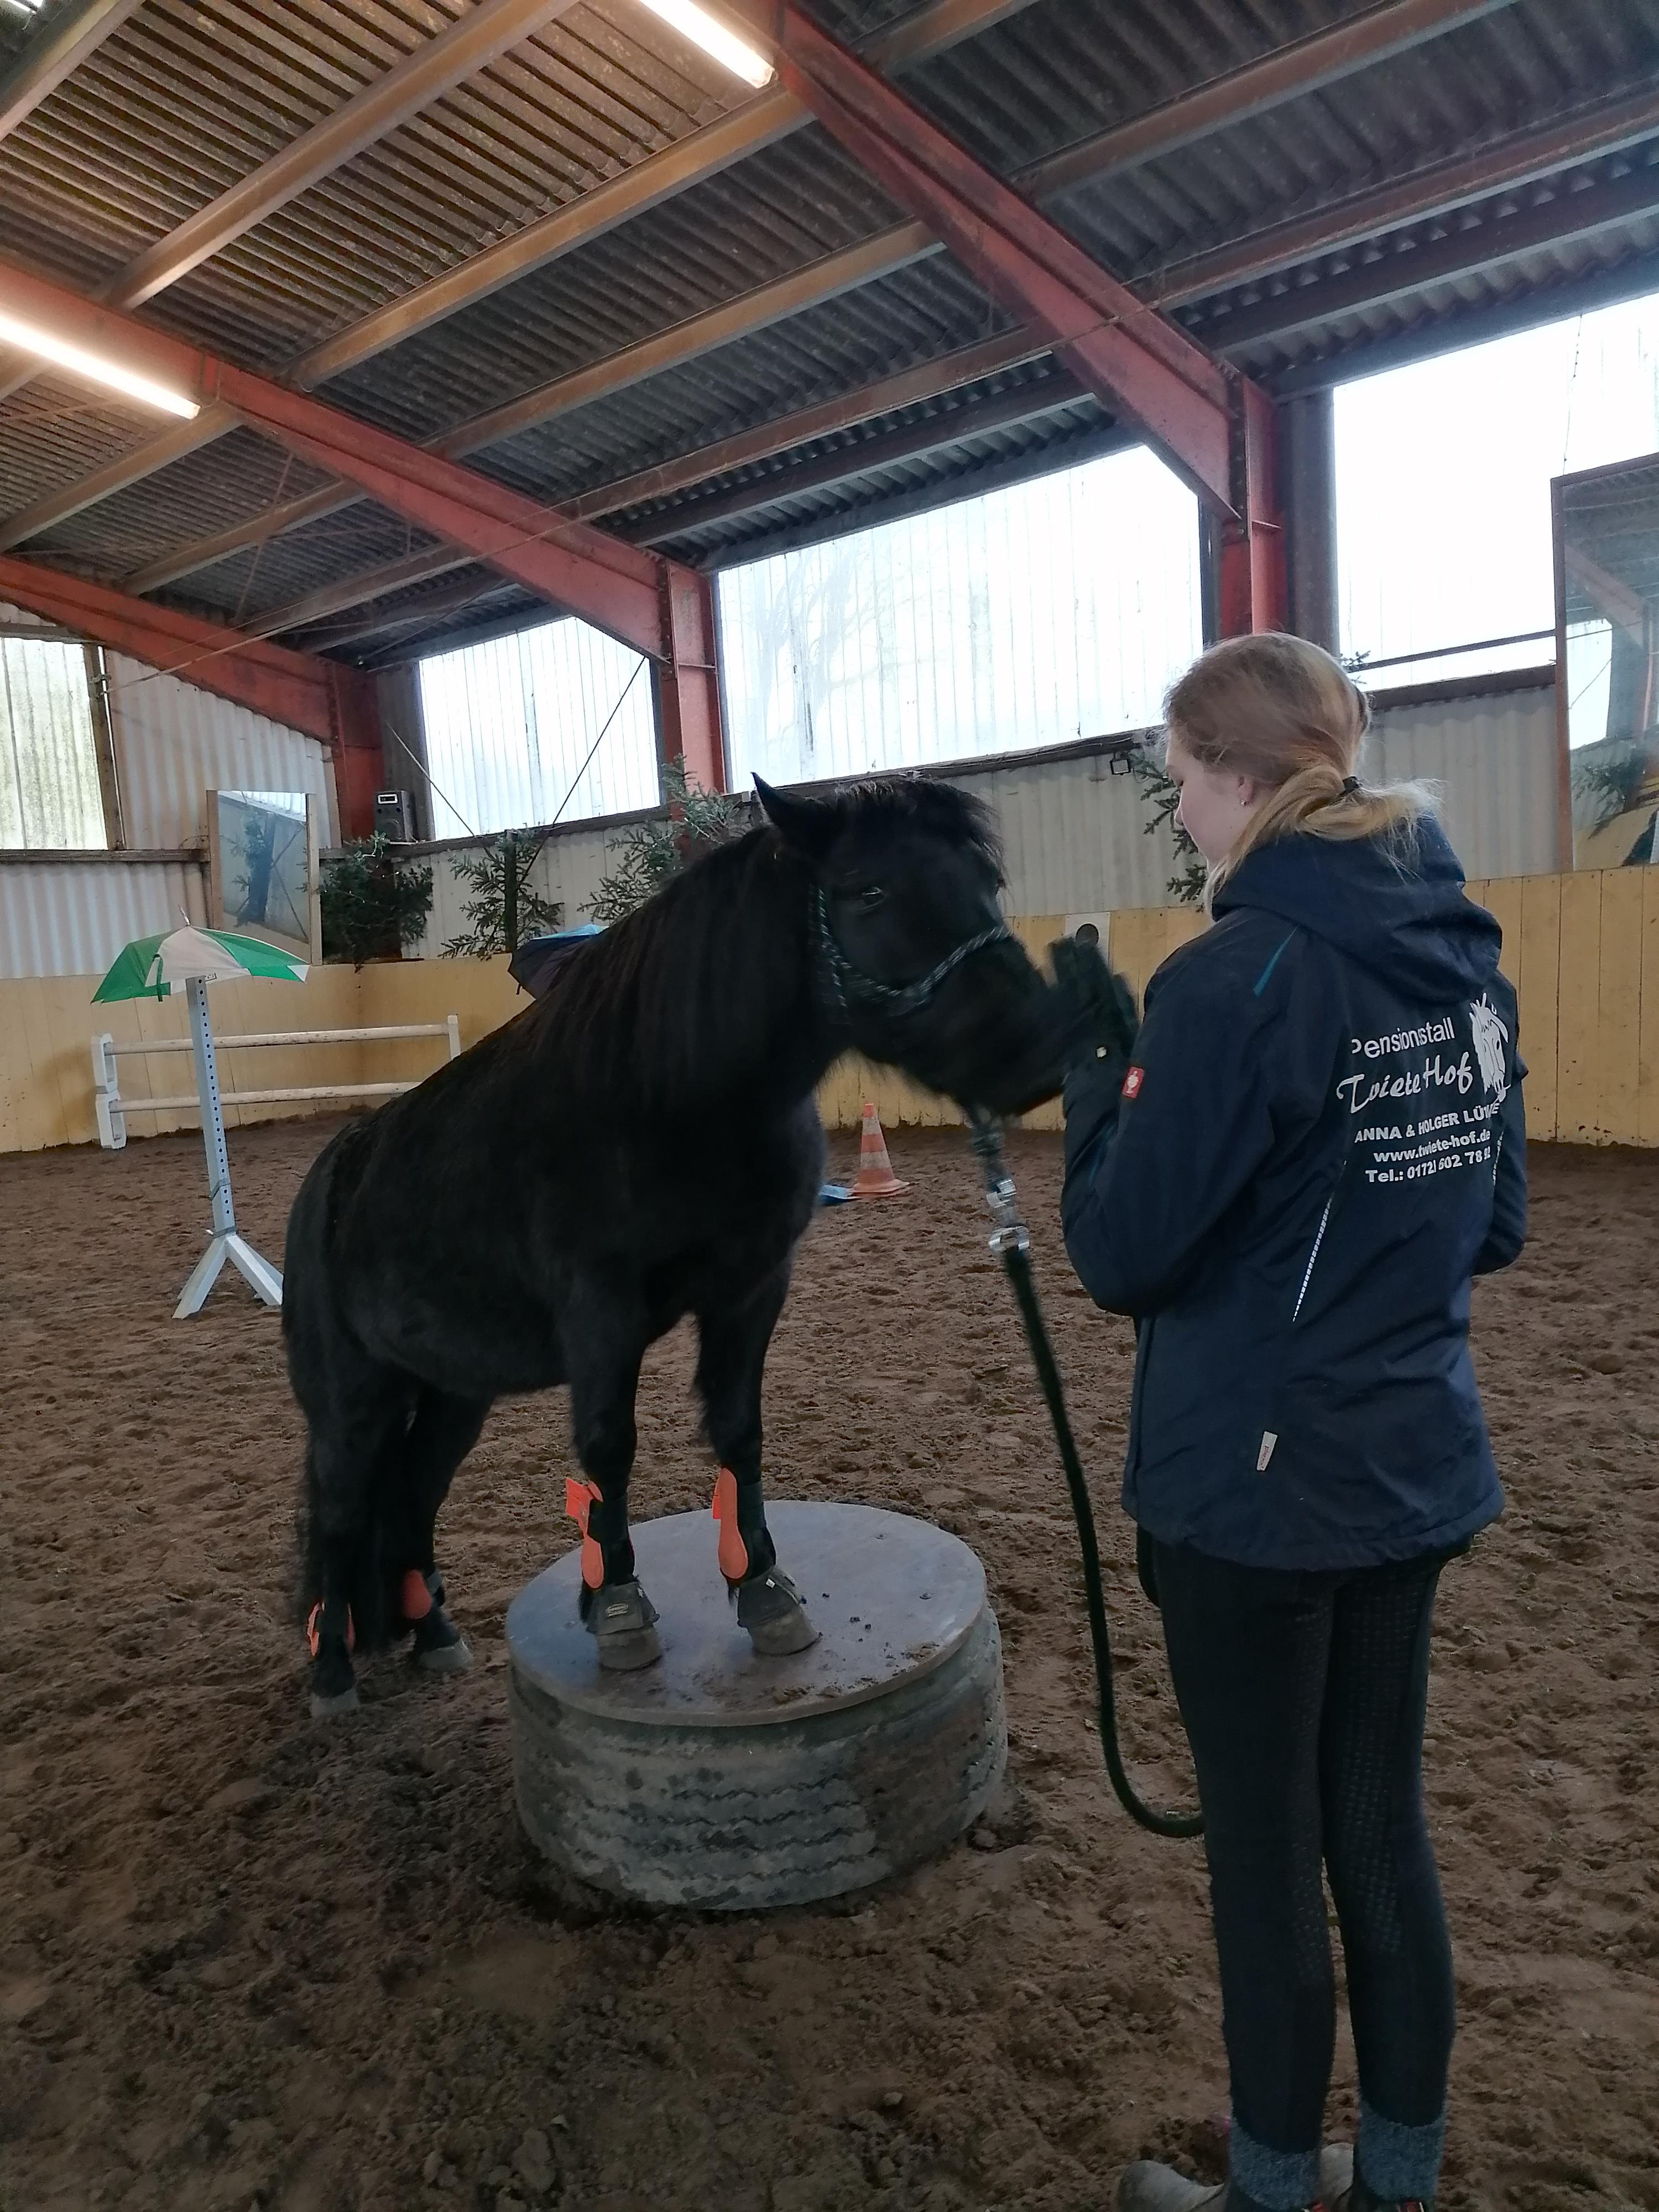 kleine Zirkuslektionen dürfen auch nicht fehlen- die Ponys haben ihren Spaß